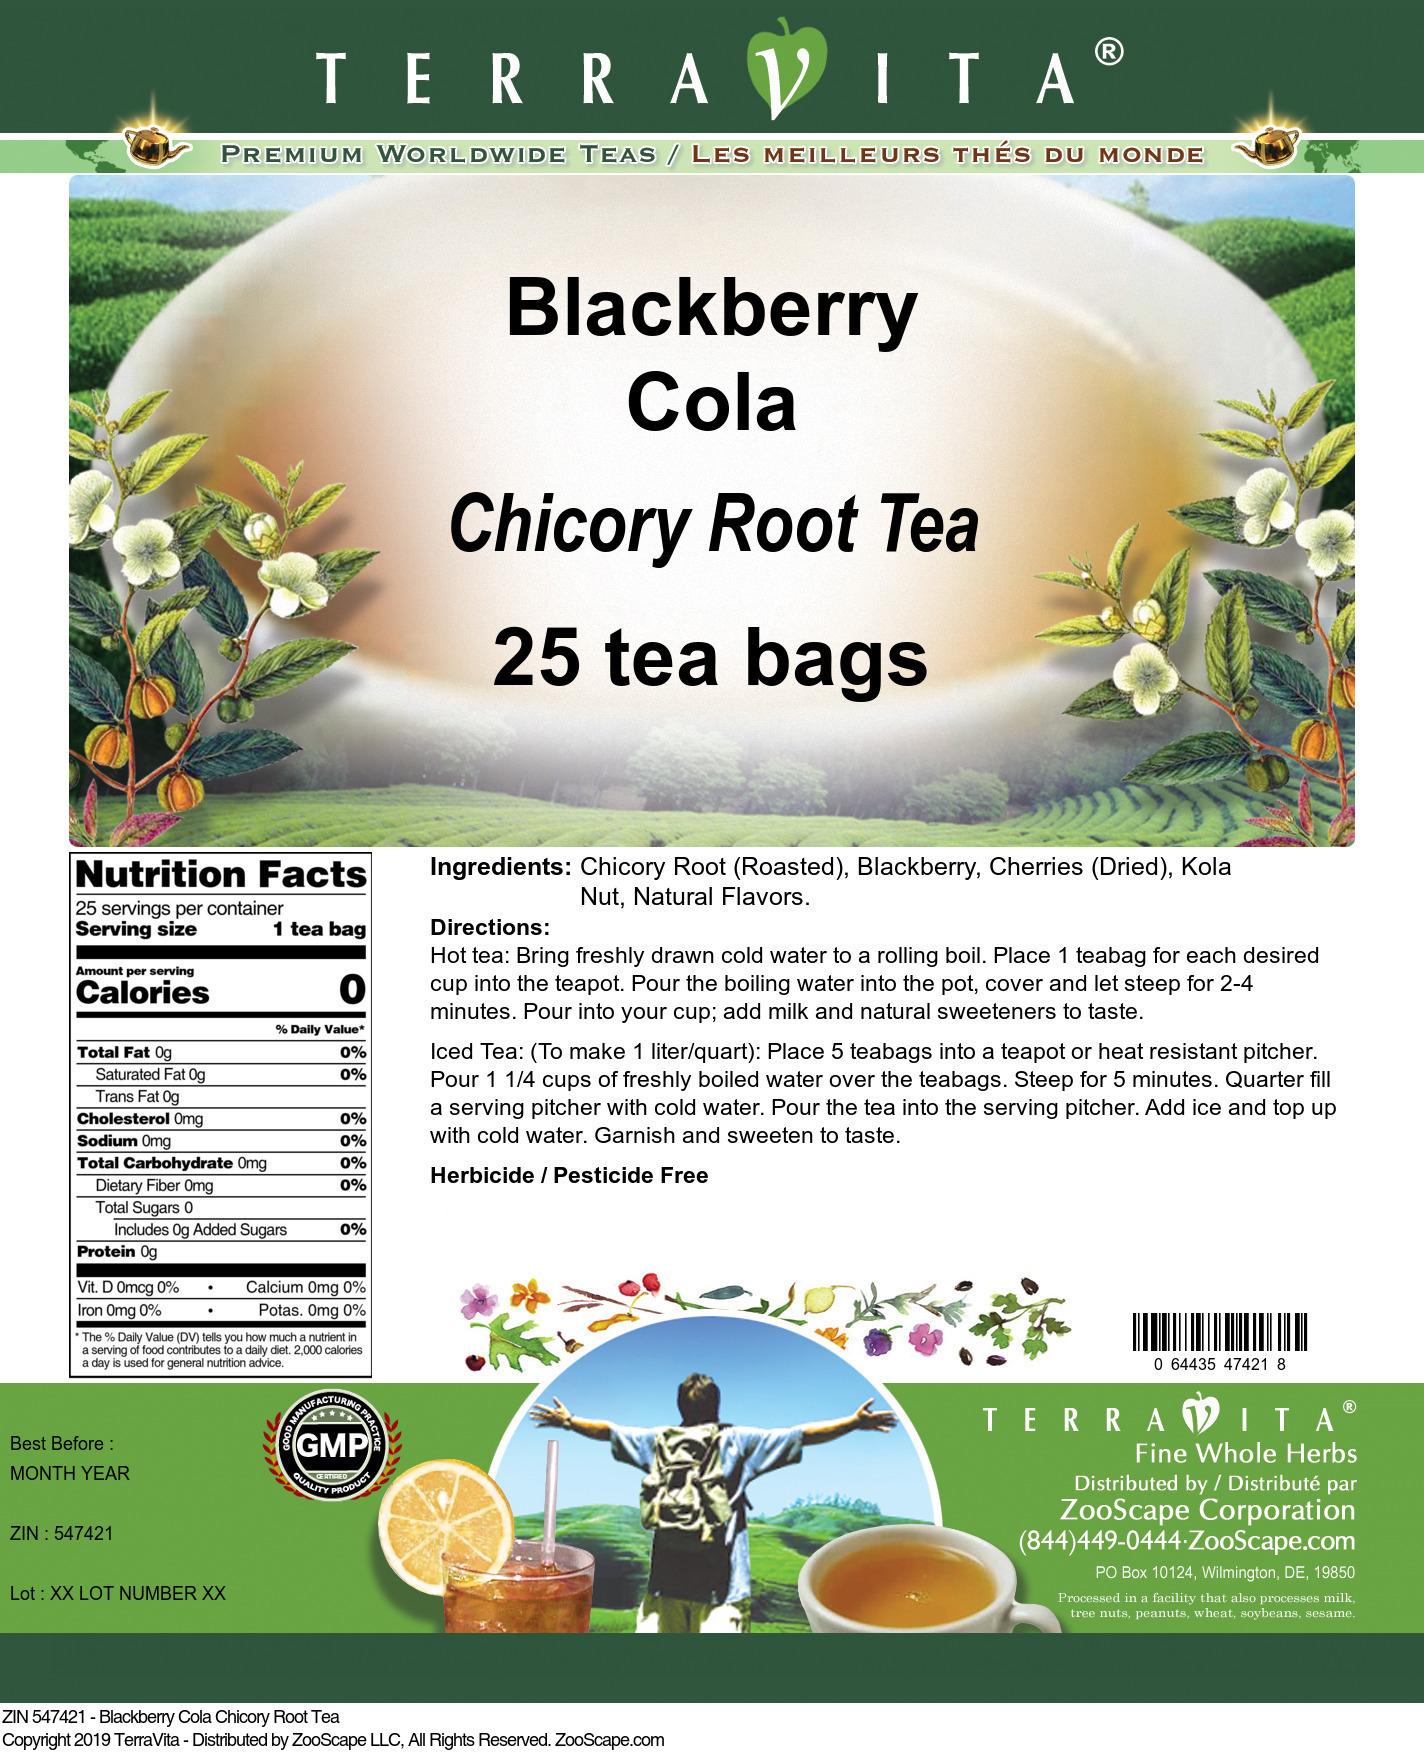 Blackberry Cola Chicory Root Tea